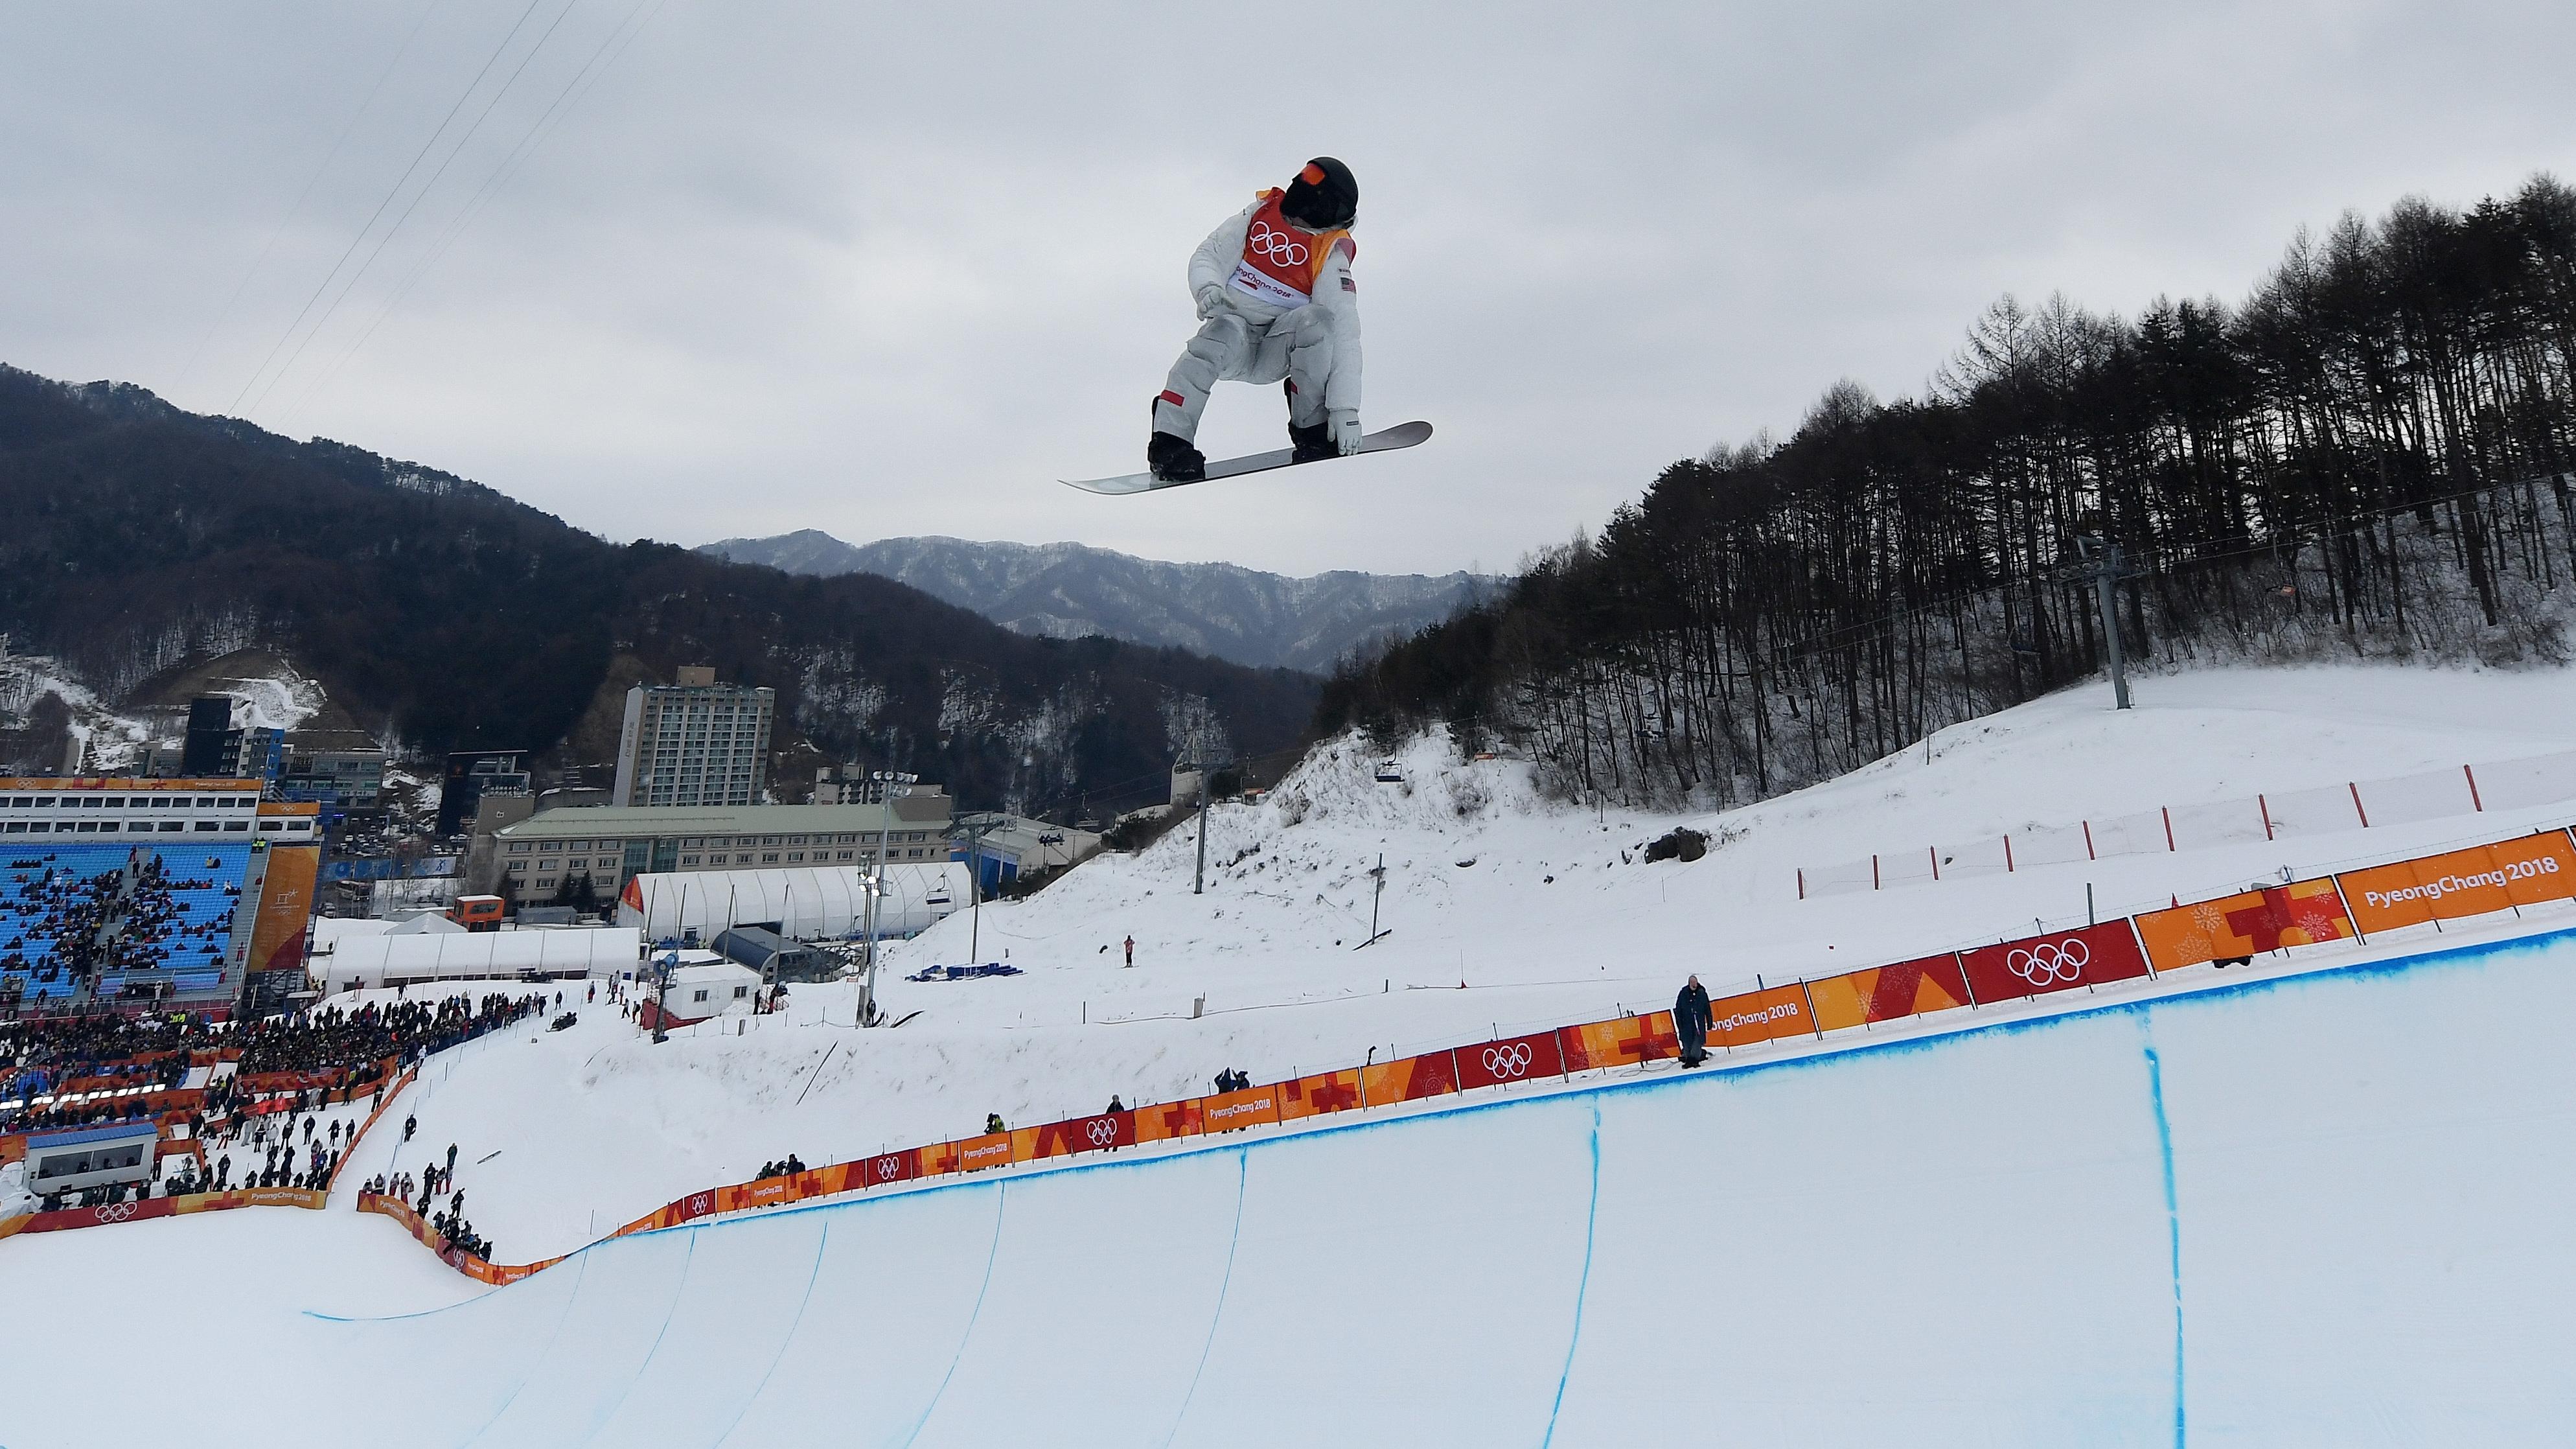 Shaun white snowboarding halfpipe